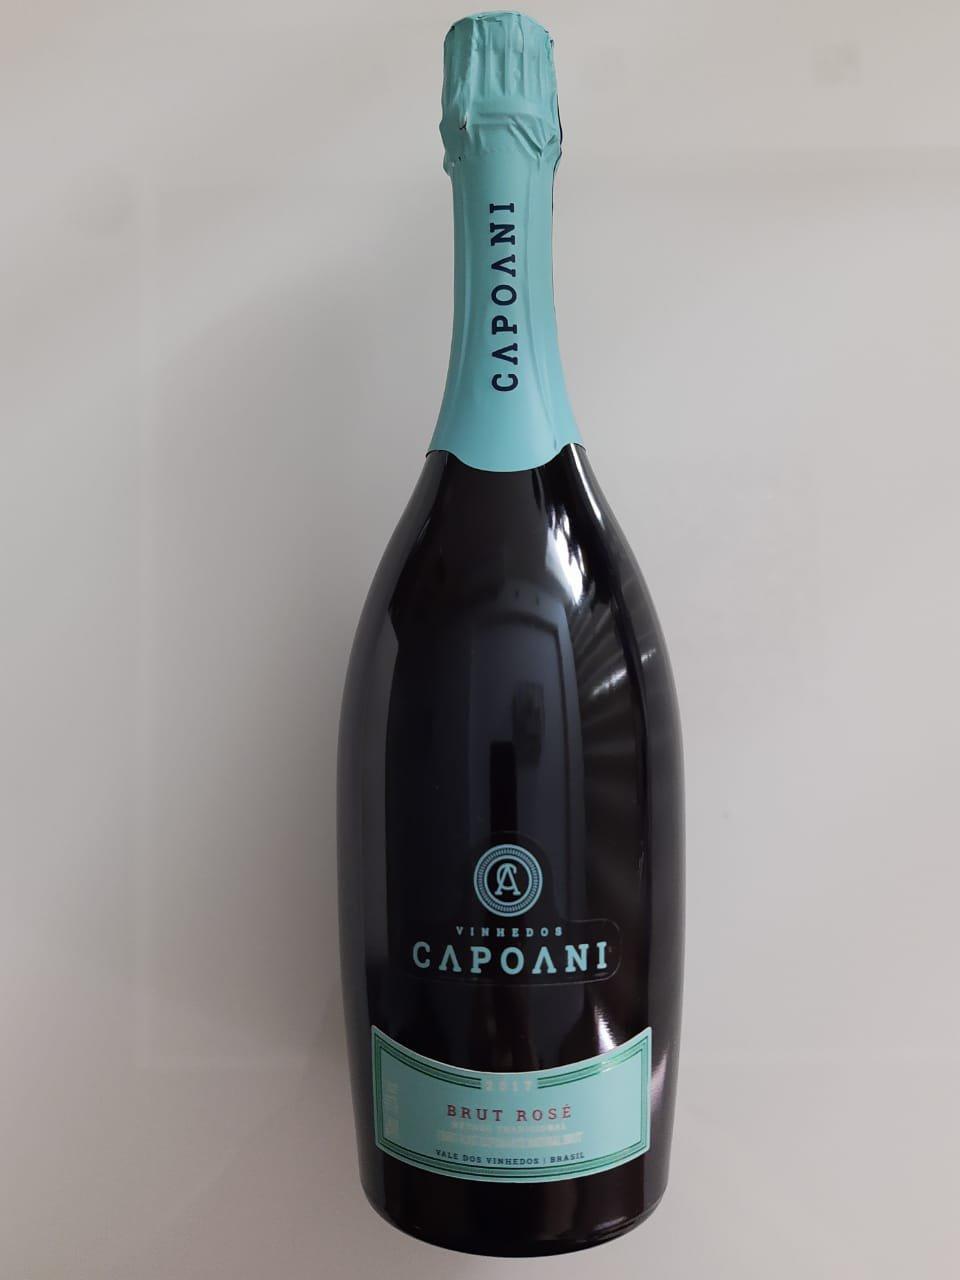 Vinho Vinhedos Capoani Espumante Brut Rosé 750ml